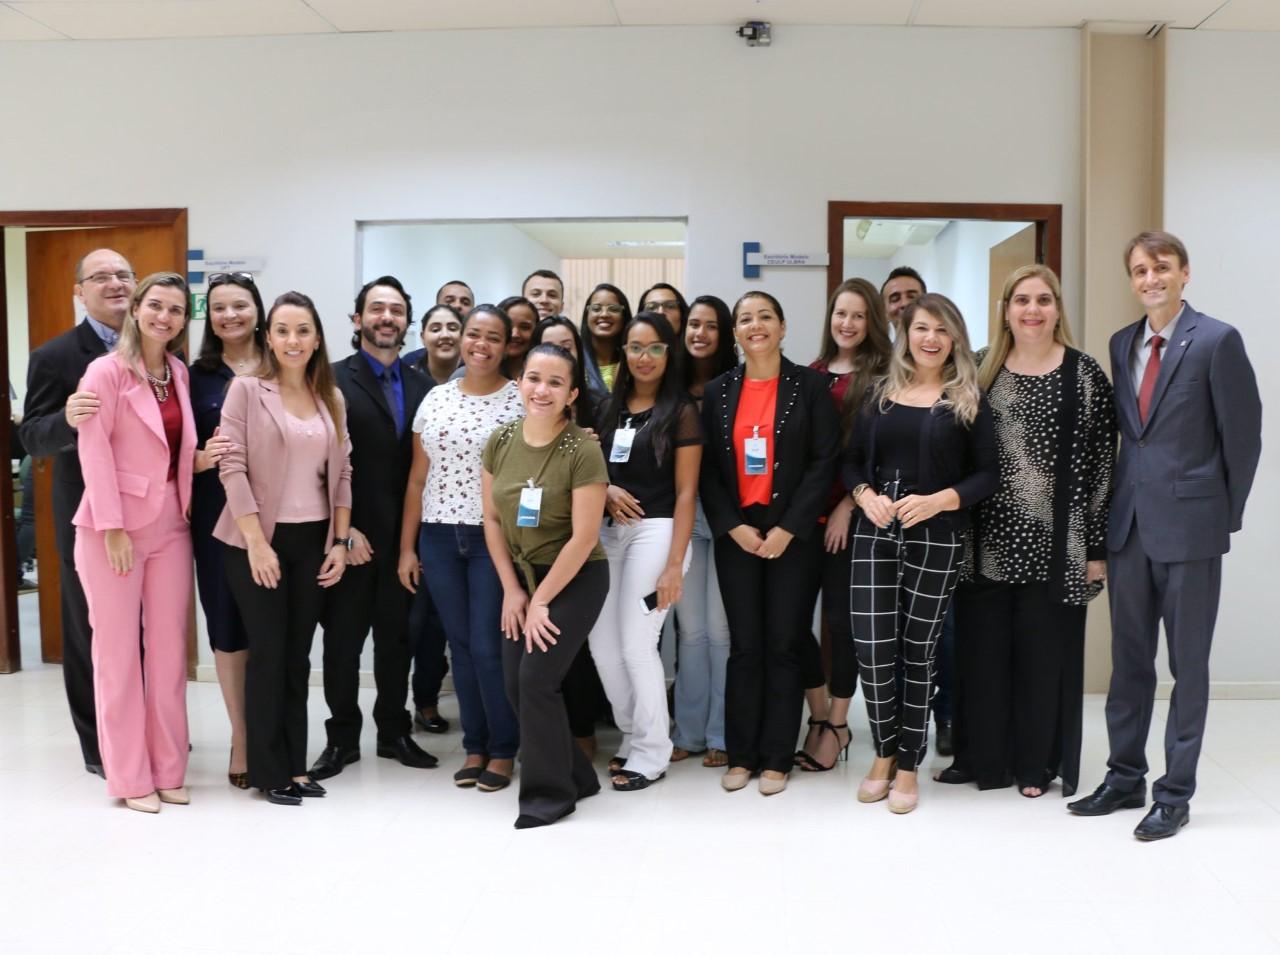 Curso de Direito inaugura Escritório Modelo no Fórum de Palmas